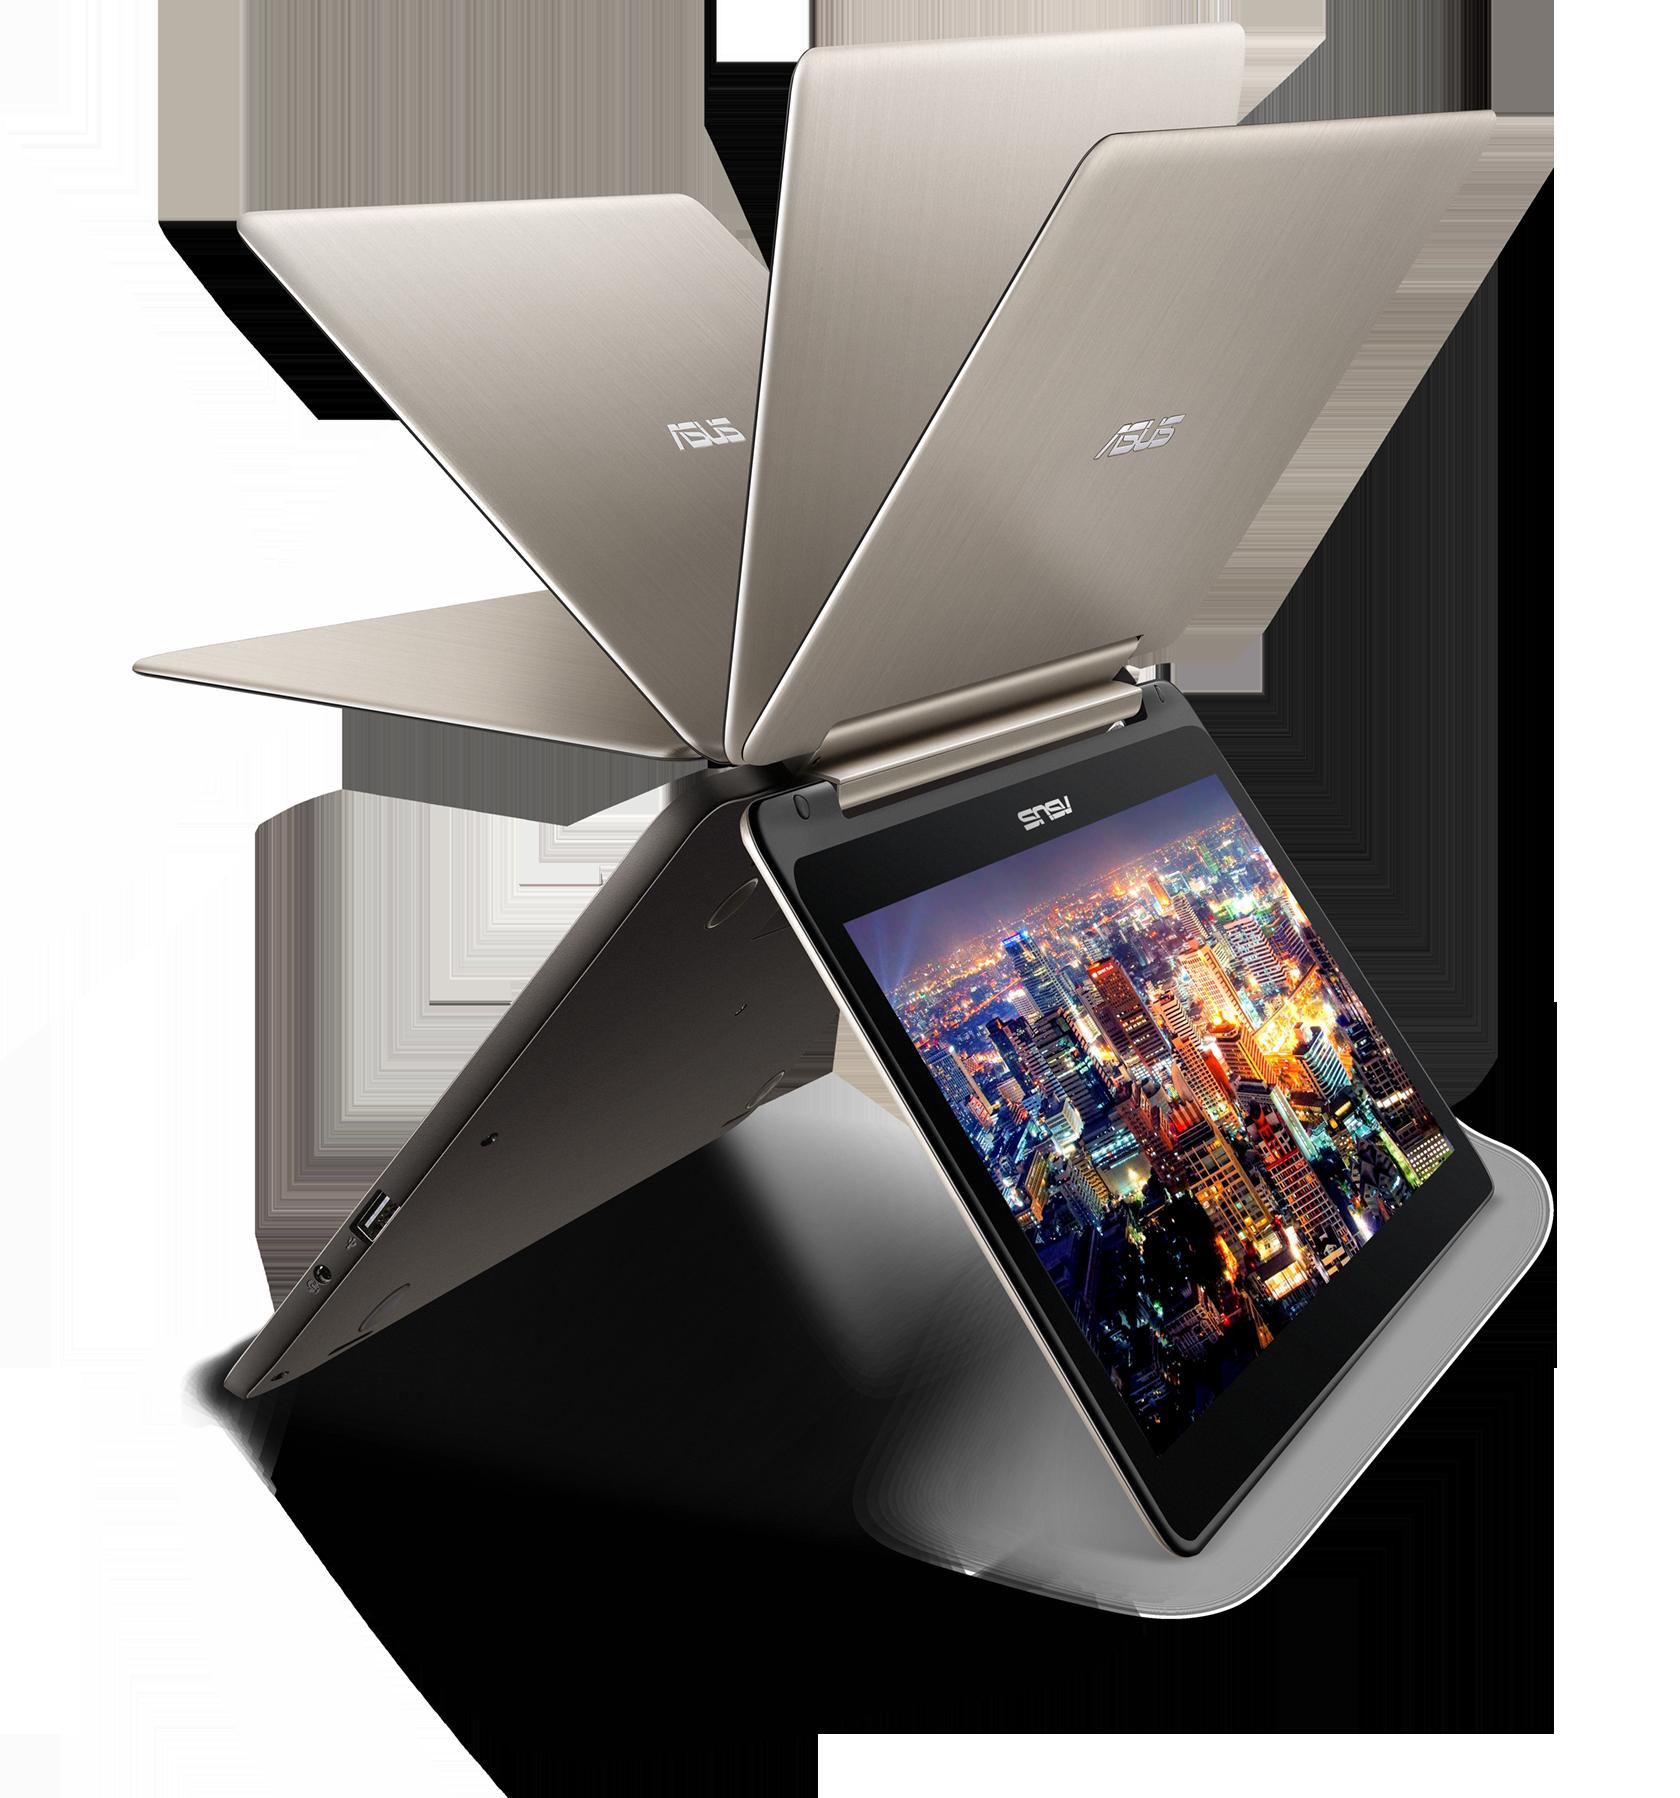 Asus Vivobook Flip Tp201sa 2 In 1 Pcs Asus Usa